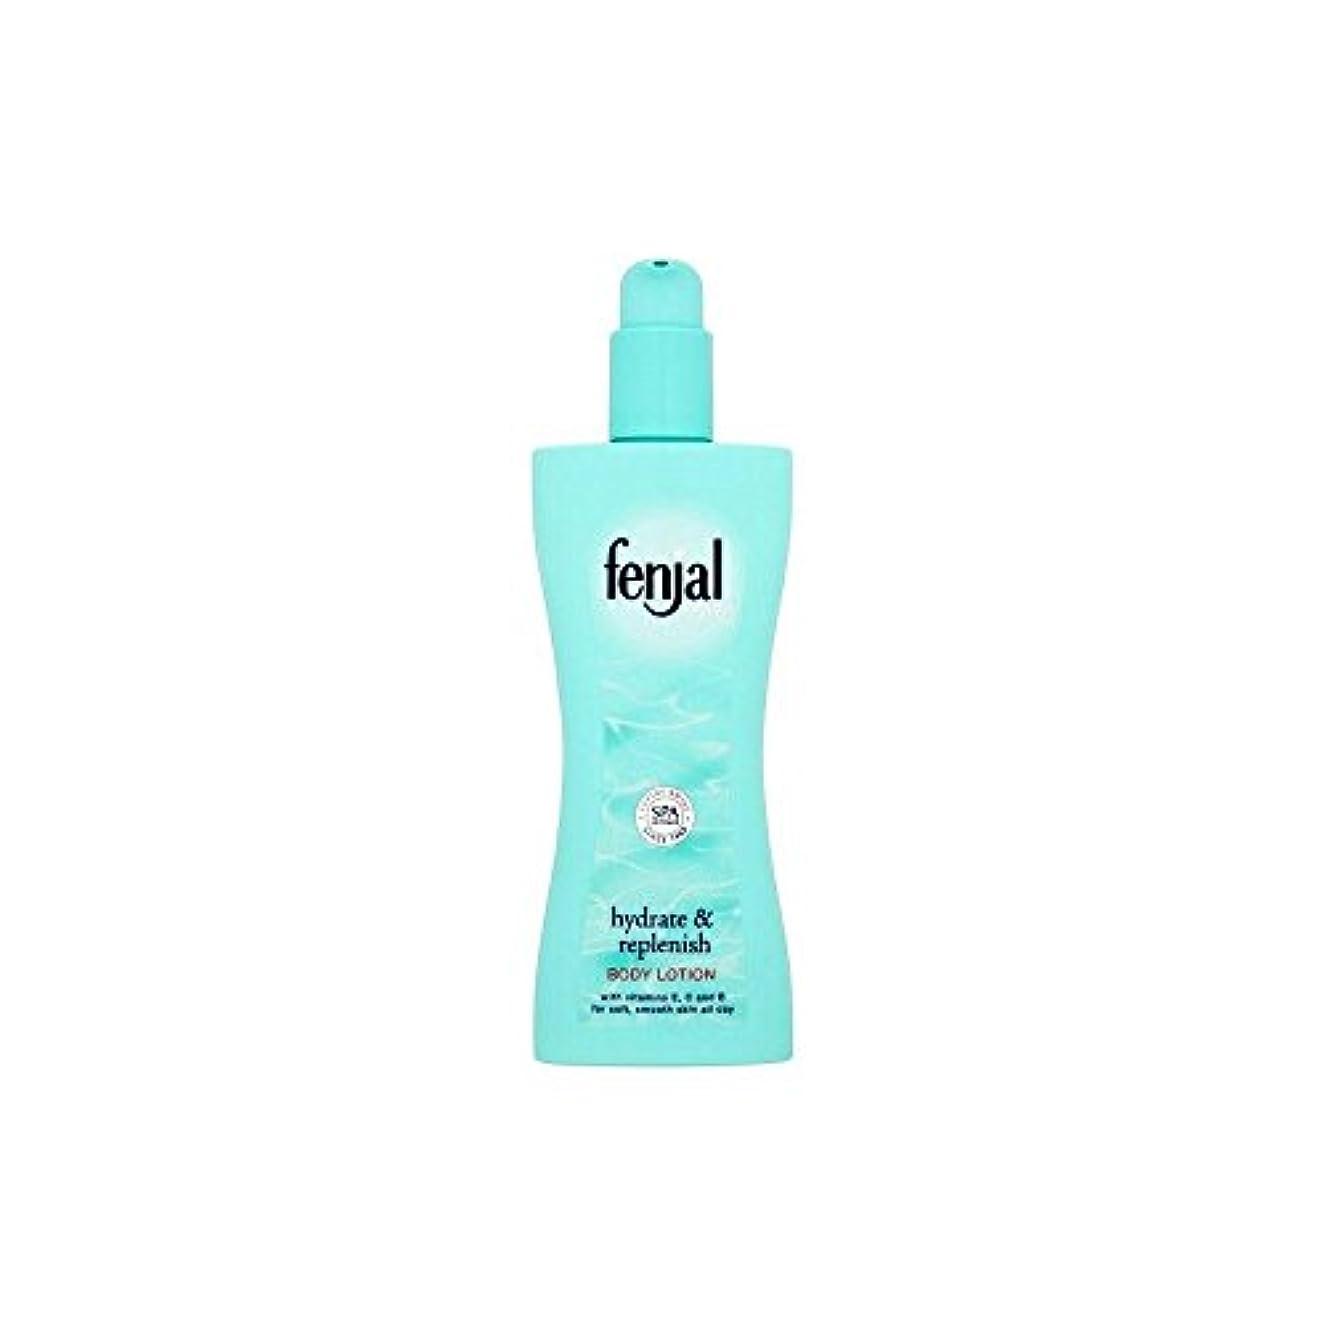 エゴイズム影響精神Fenjal Luxury Hydrating Body Lotion (200ml) Fenjal高級保湿ボディローション( 200ミリリットル) [並行輸入品]